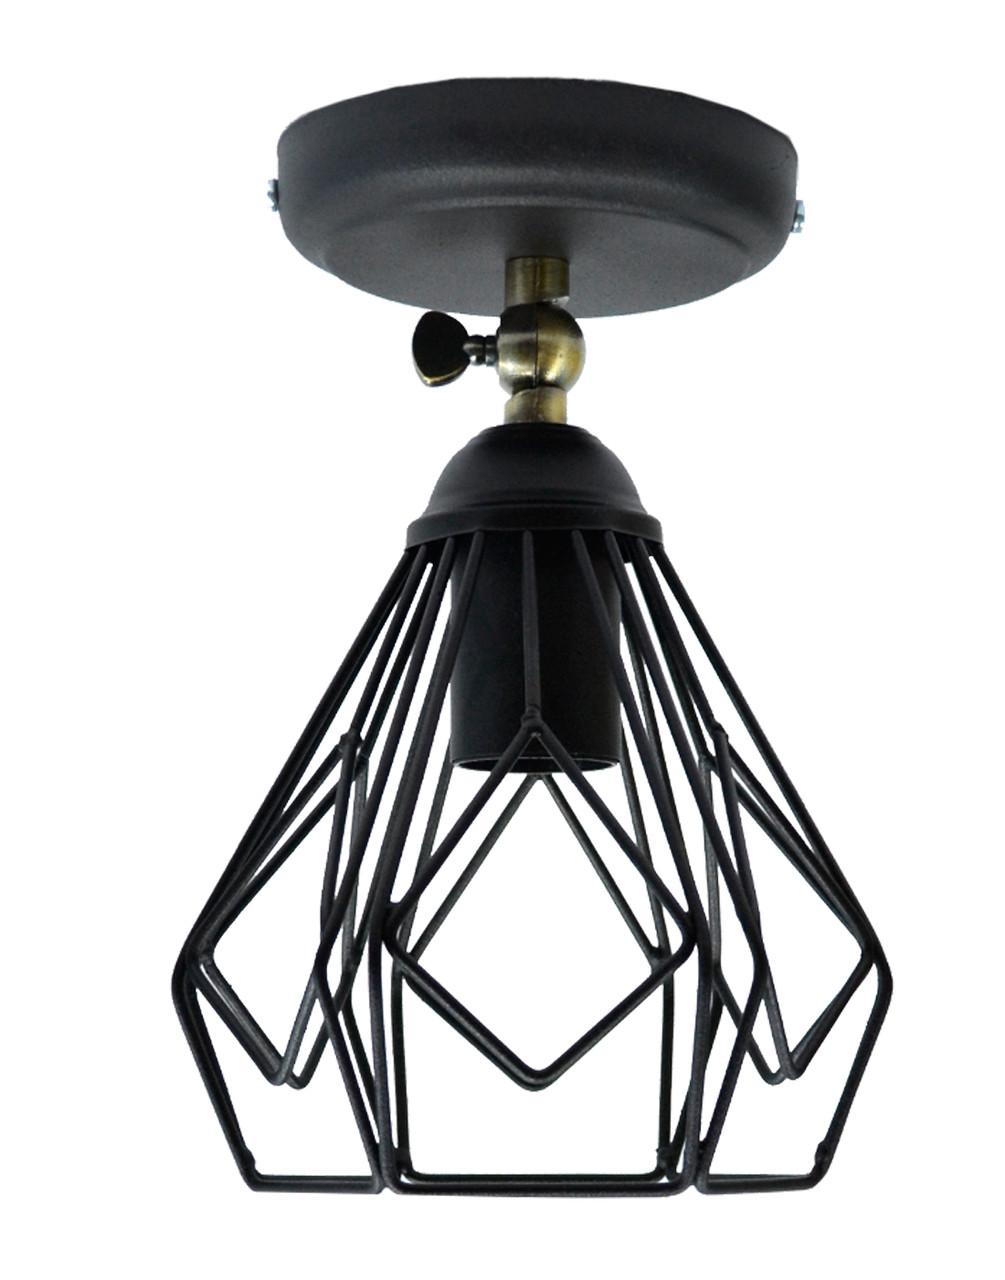 Светильник настенный бра NL 538-1 B 100lamp Е-27 Лофт черный